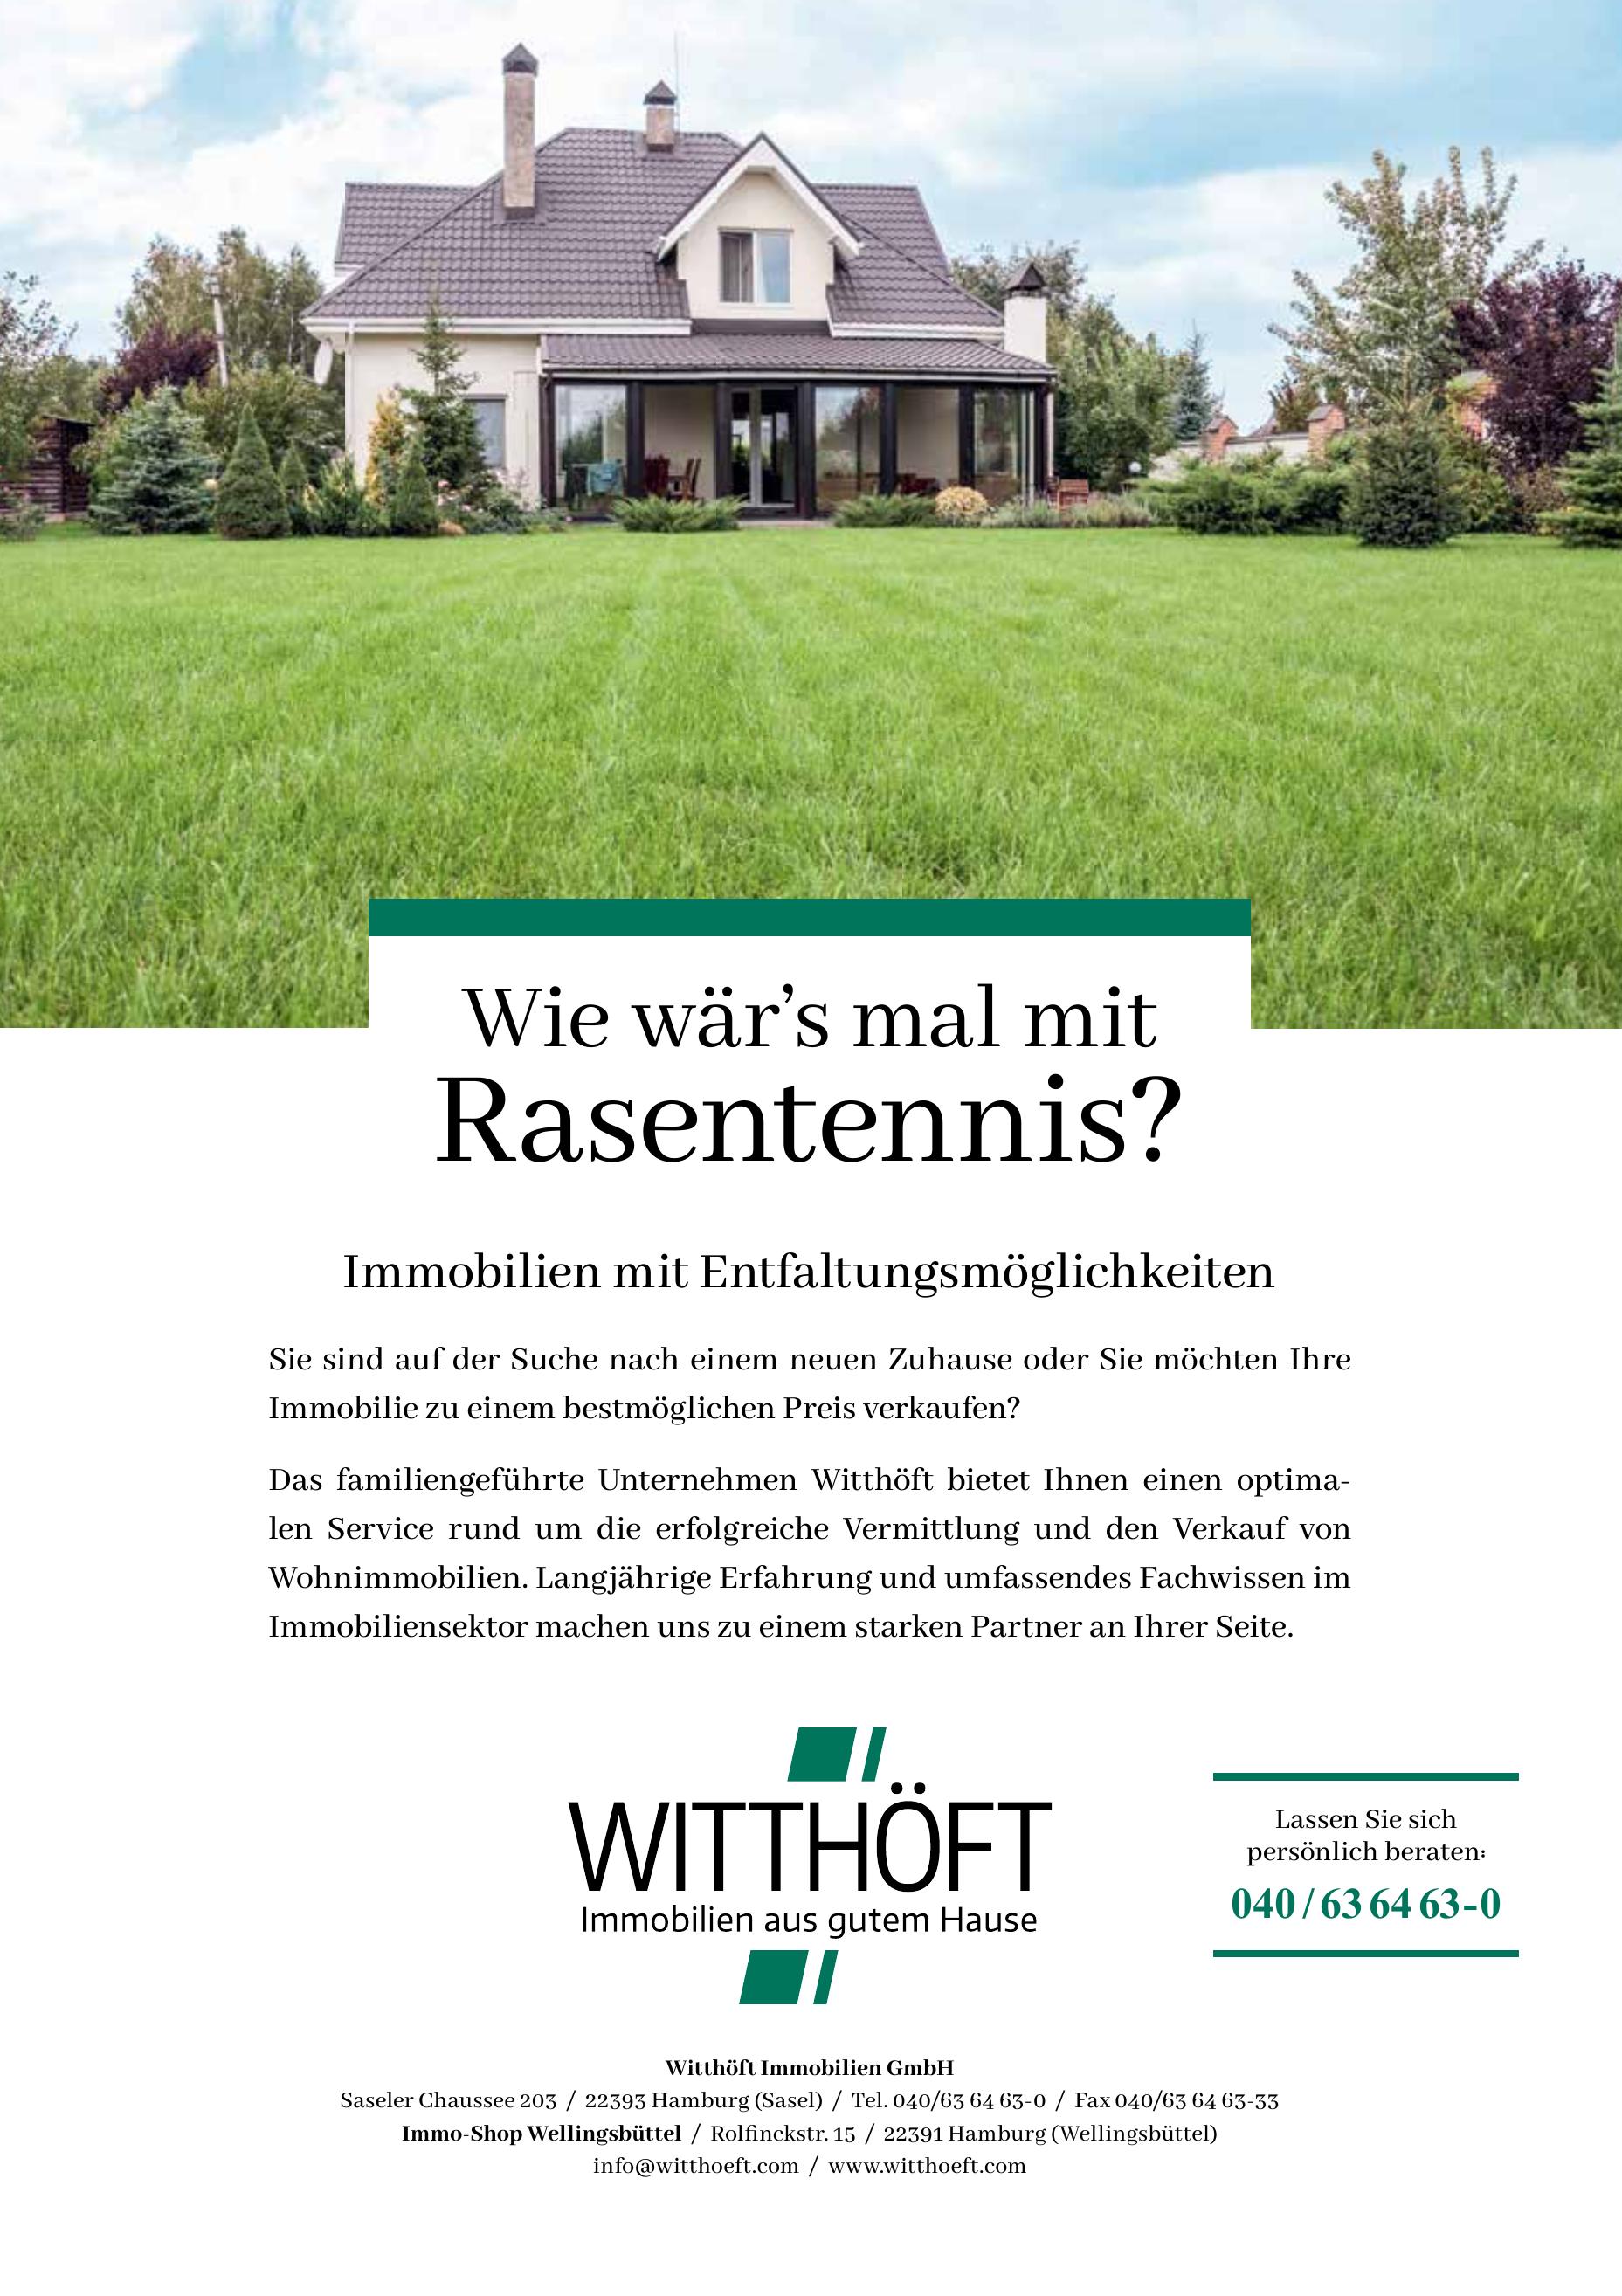 Witthöft Immobilien GmbH